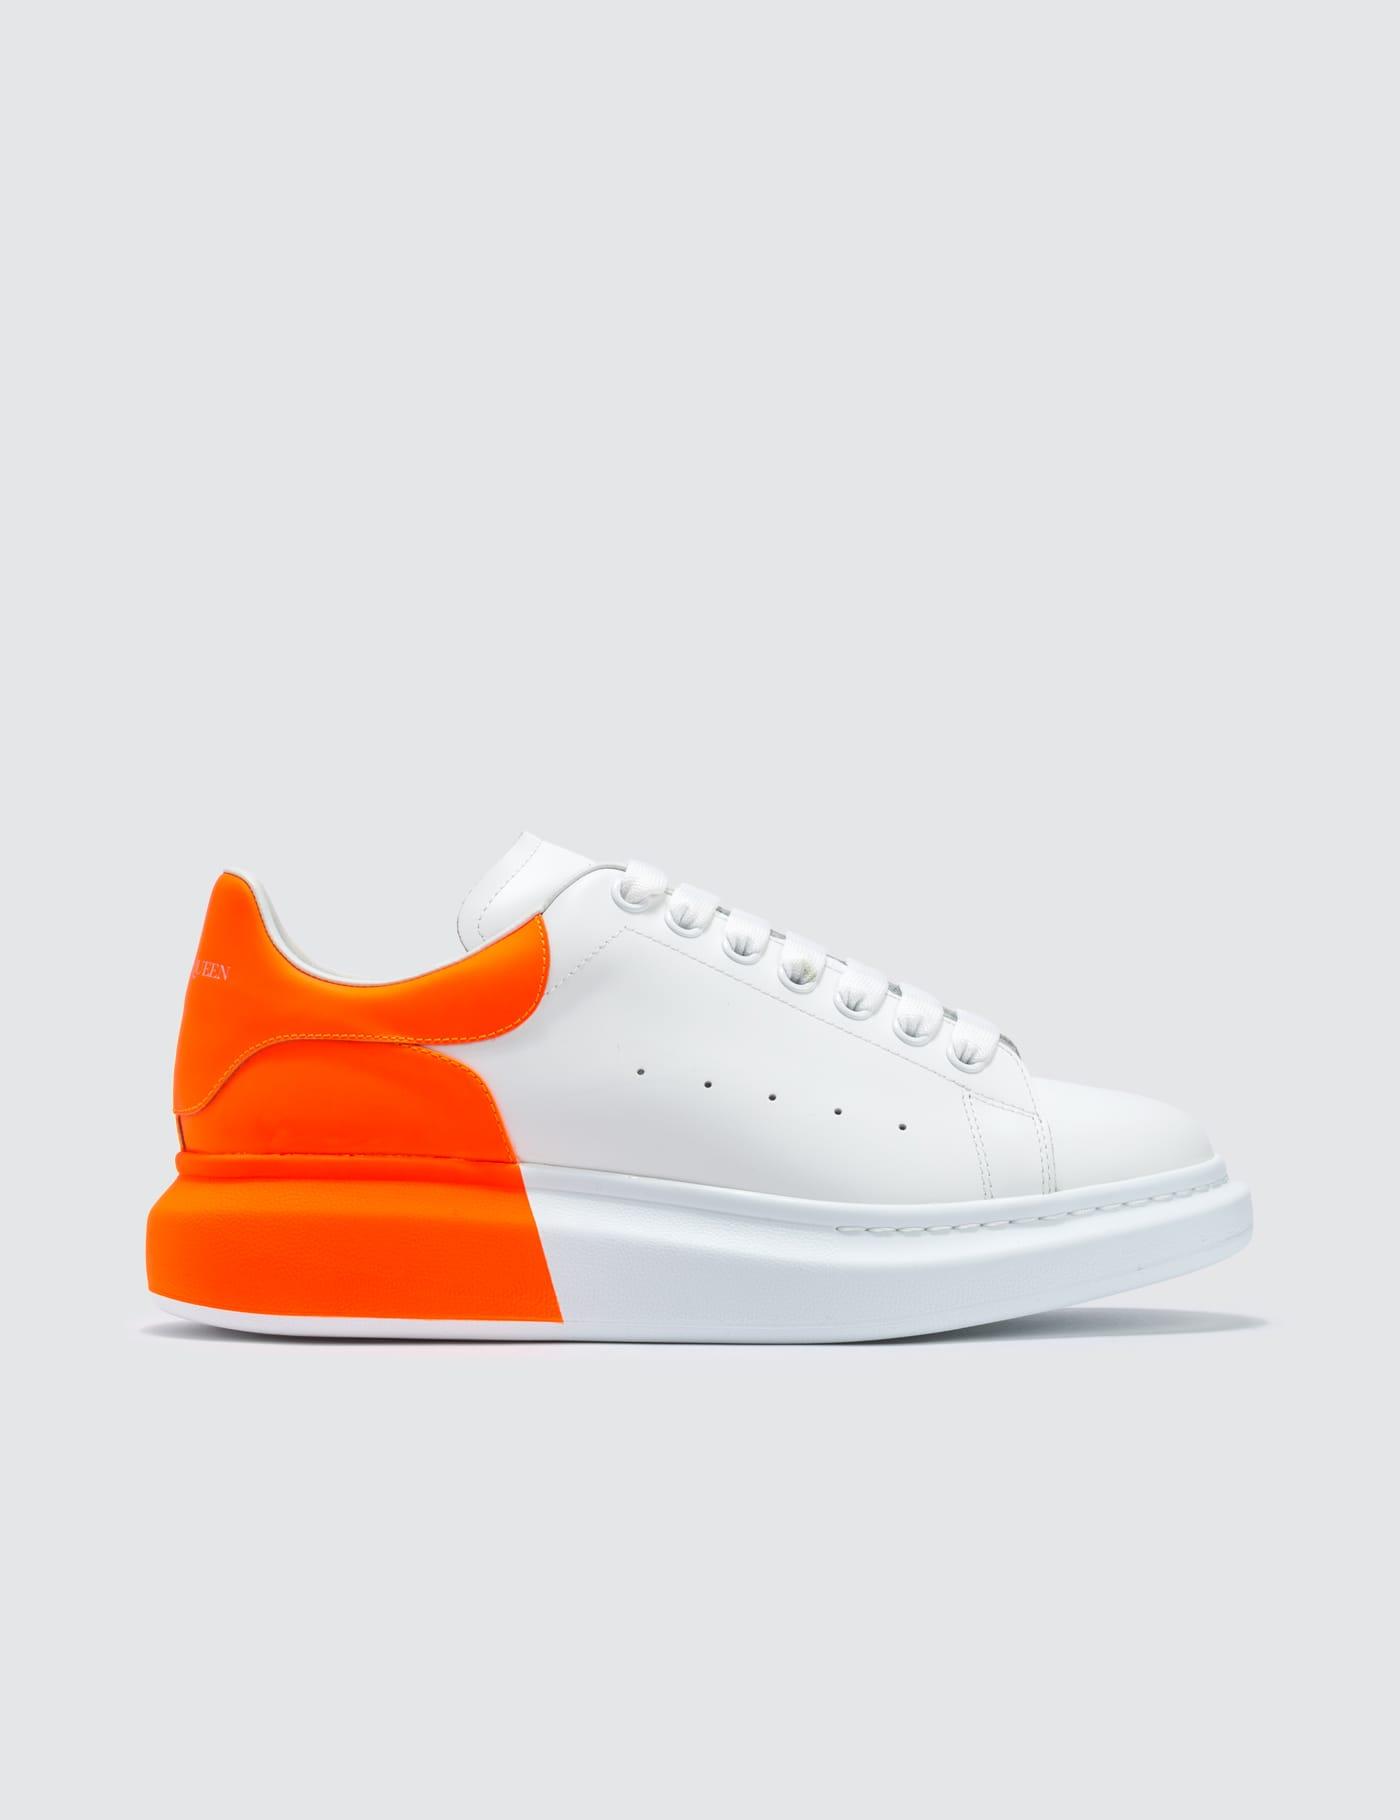 Alexander McQueen Oversized Sneaker   HBX